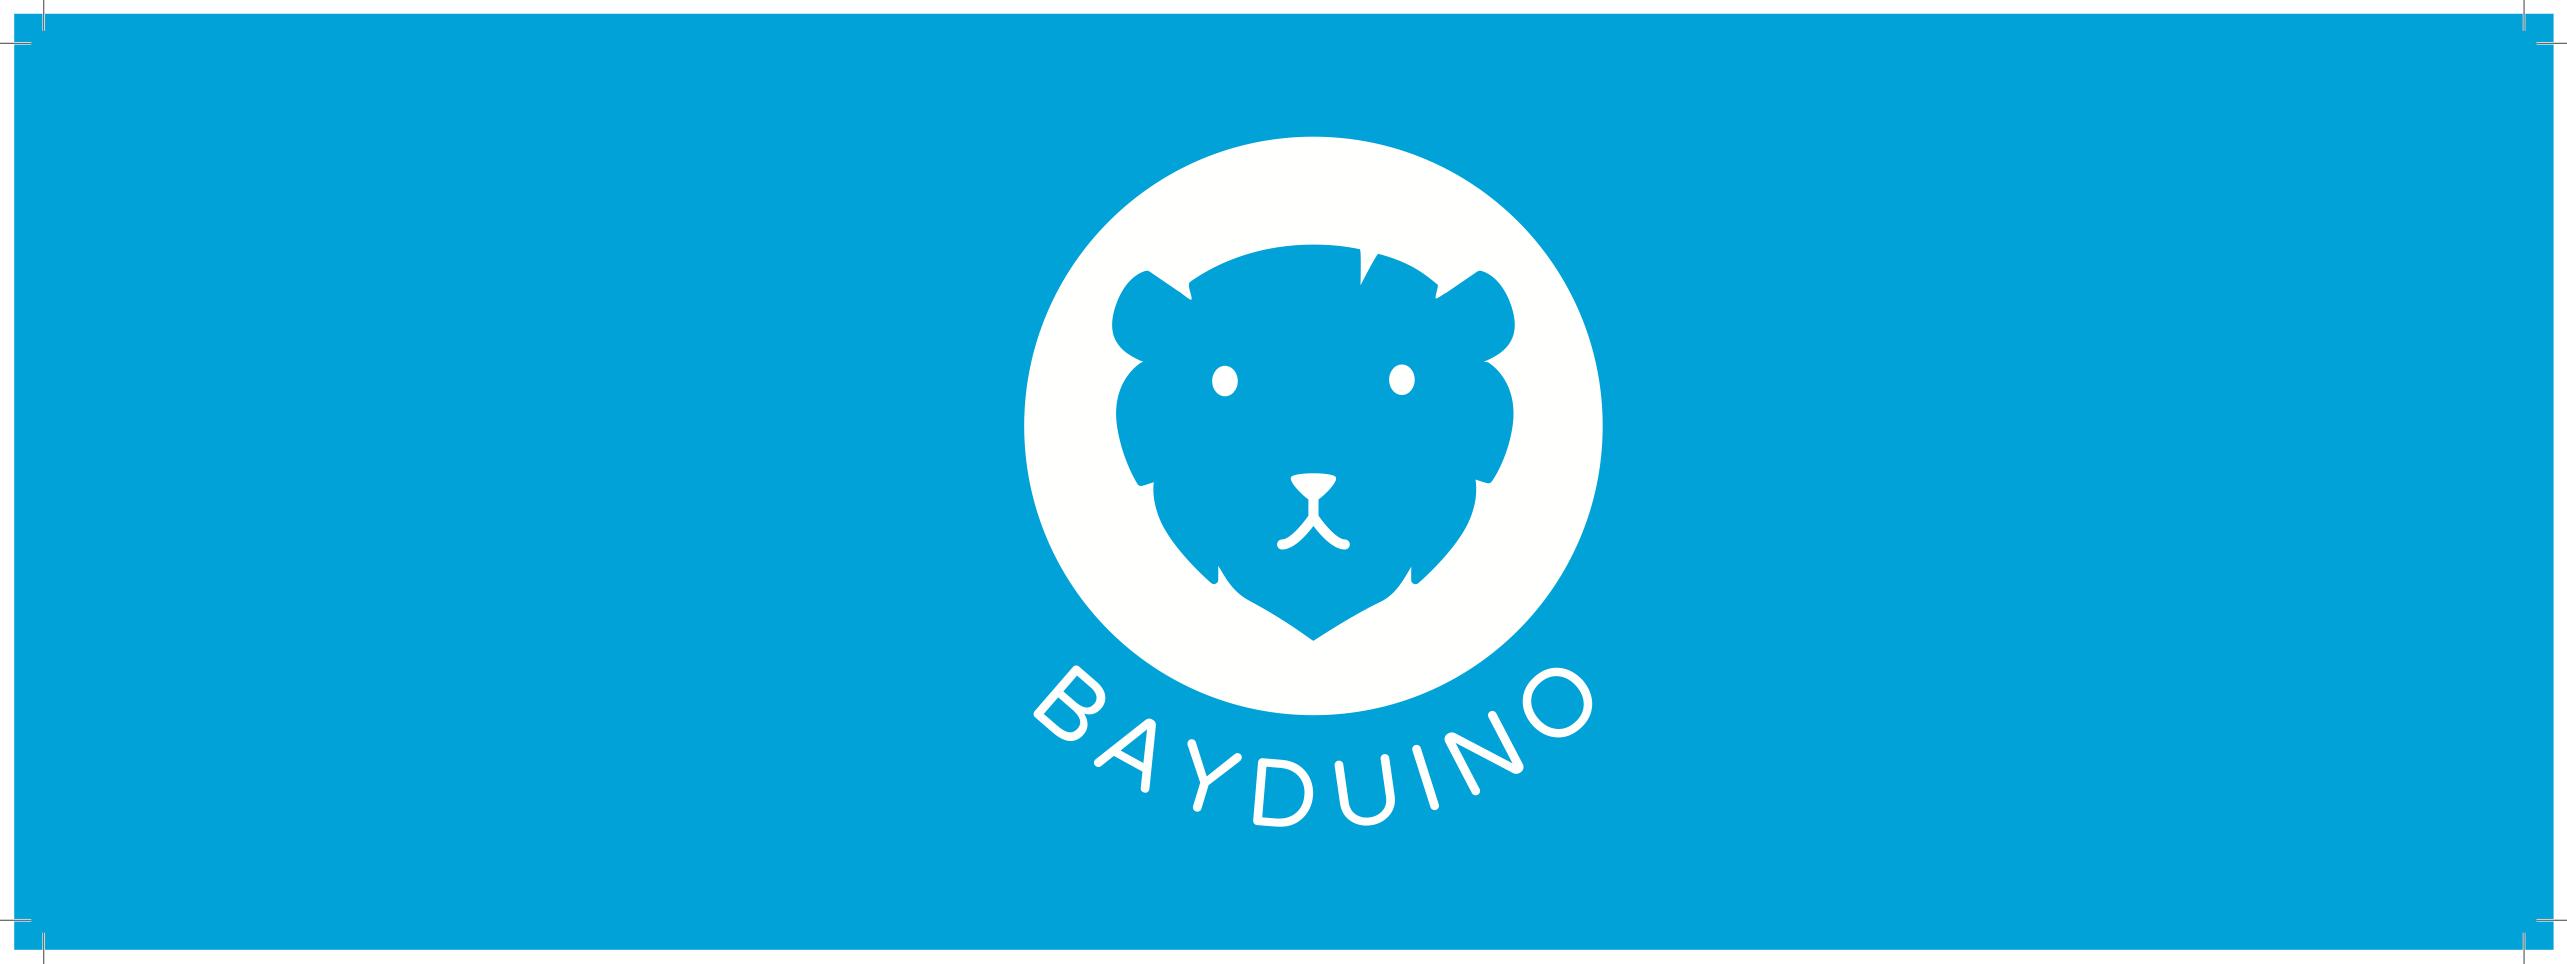 BAYDUINO